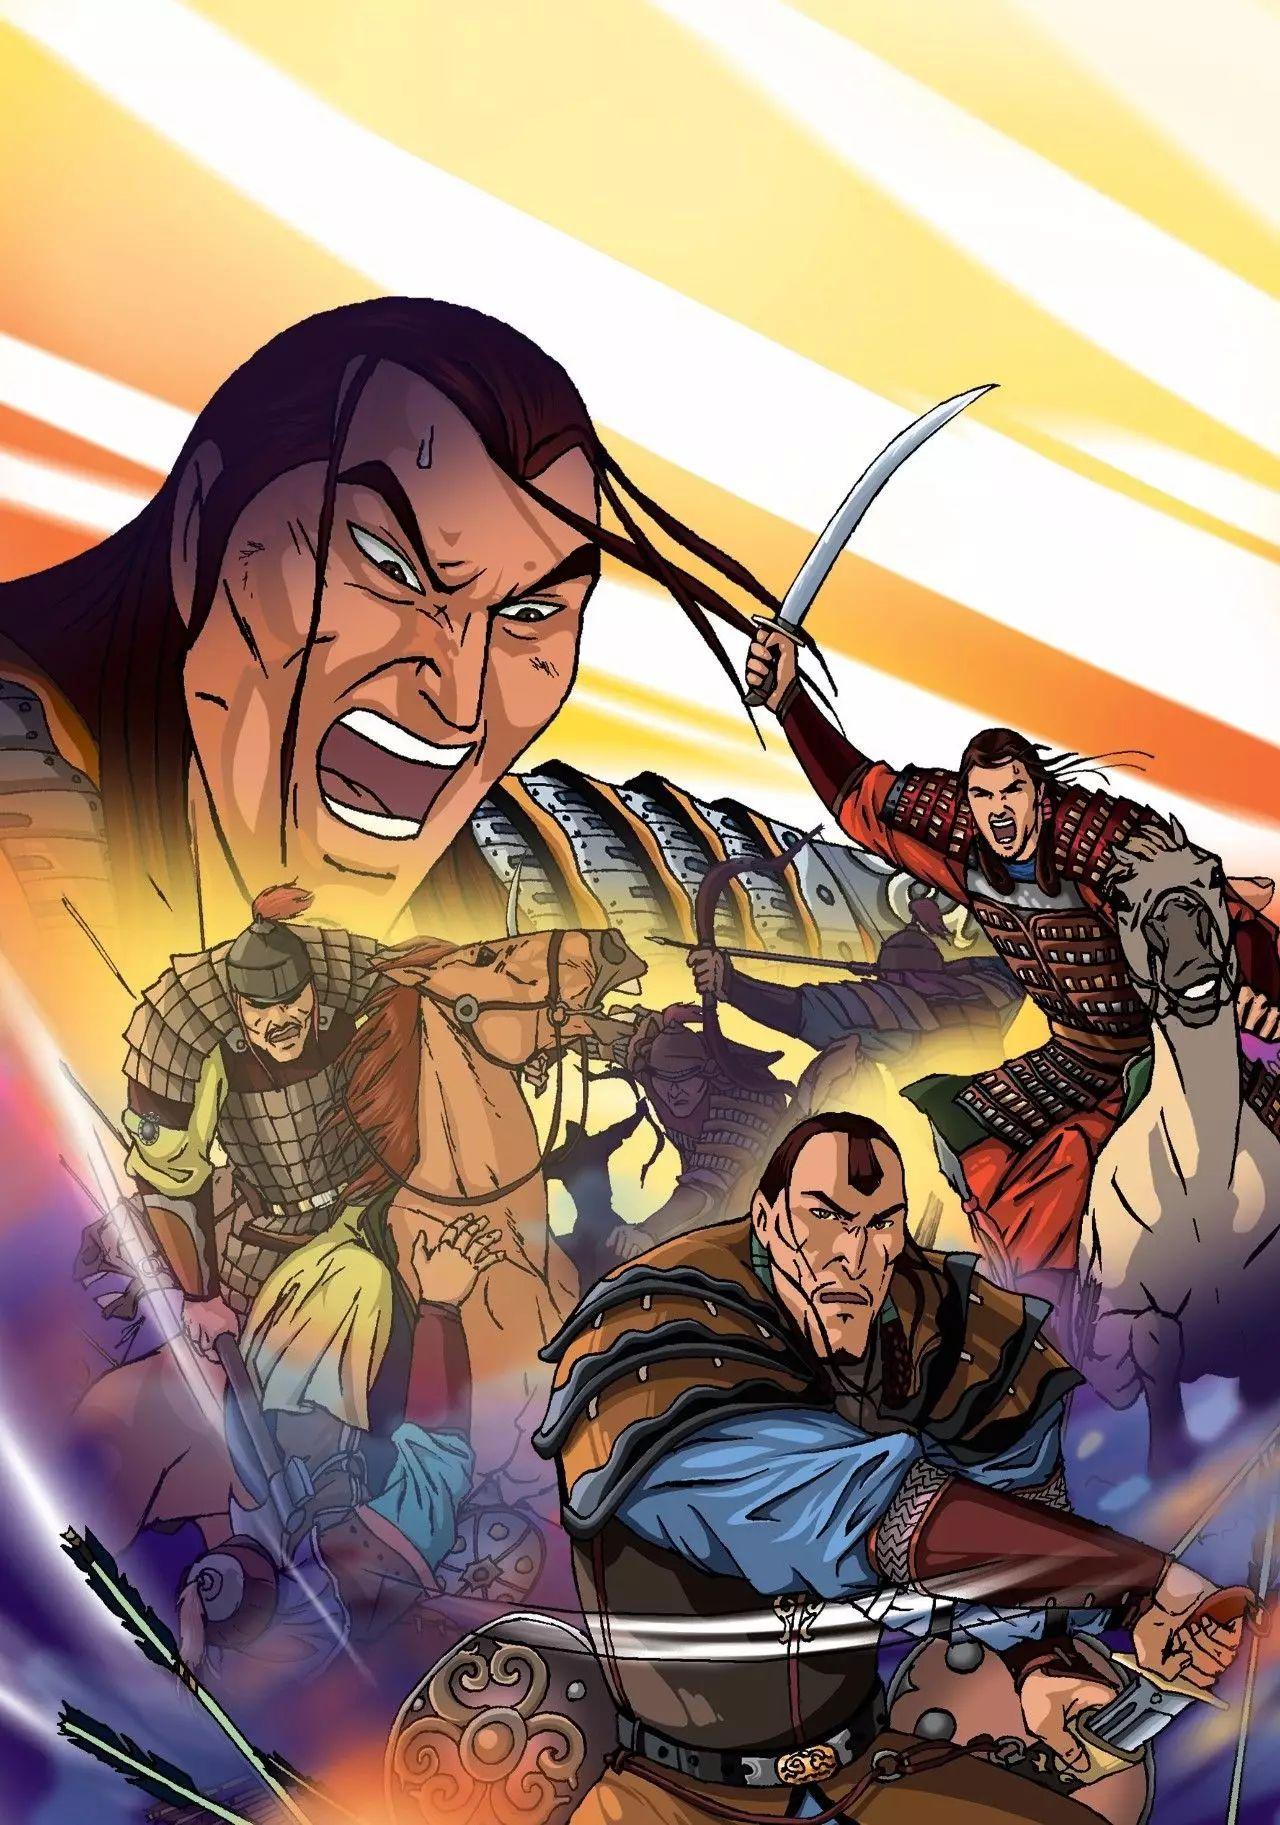 画《成吉思汗》的蒙古国卡通绘本漫画家 第3张